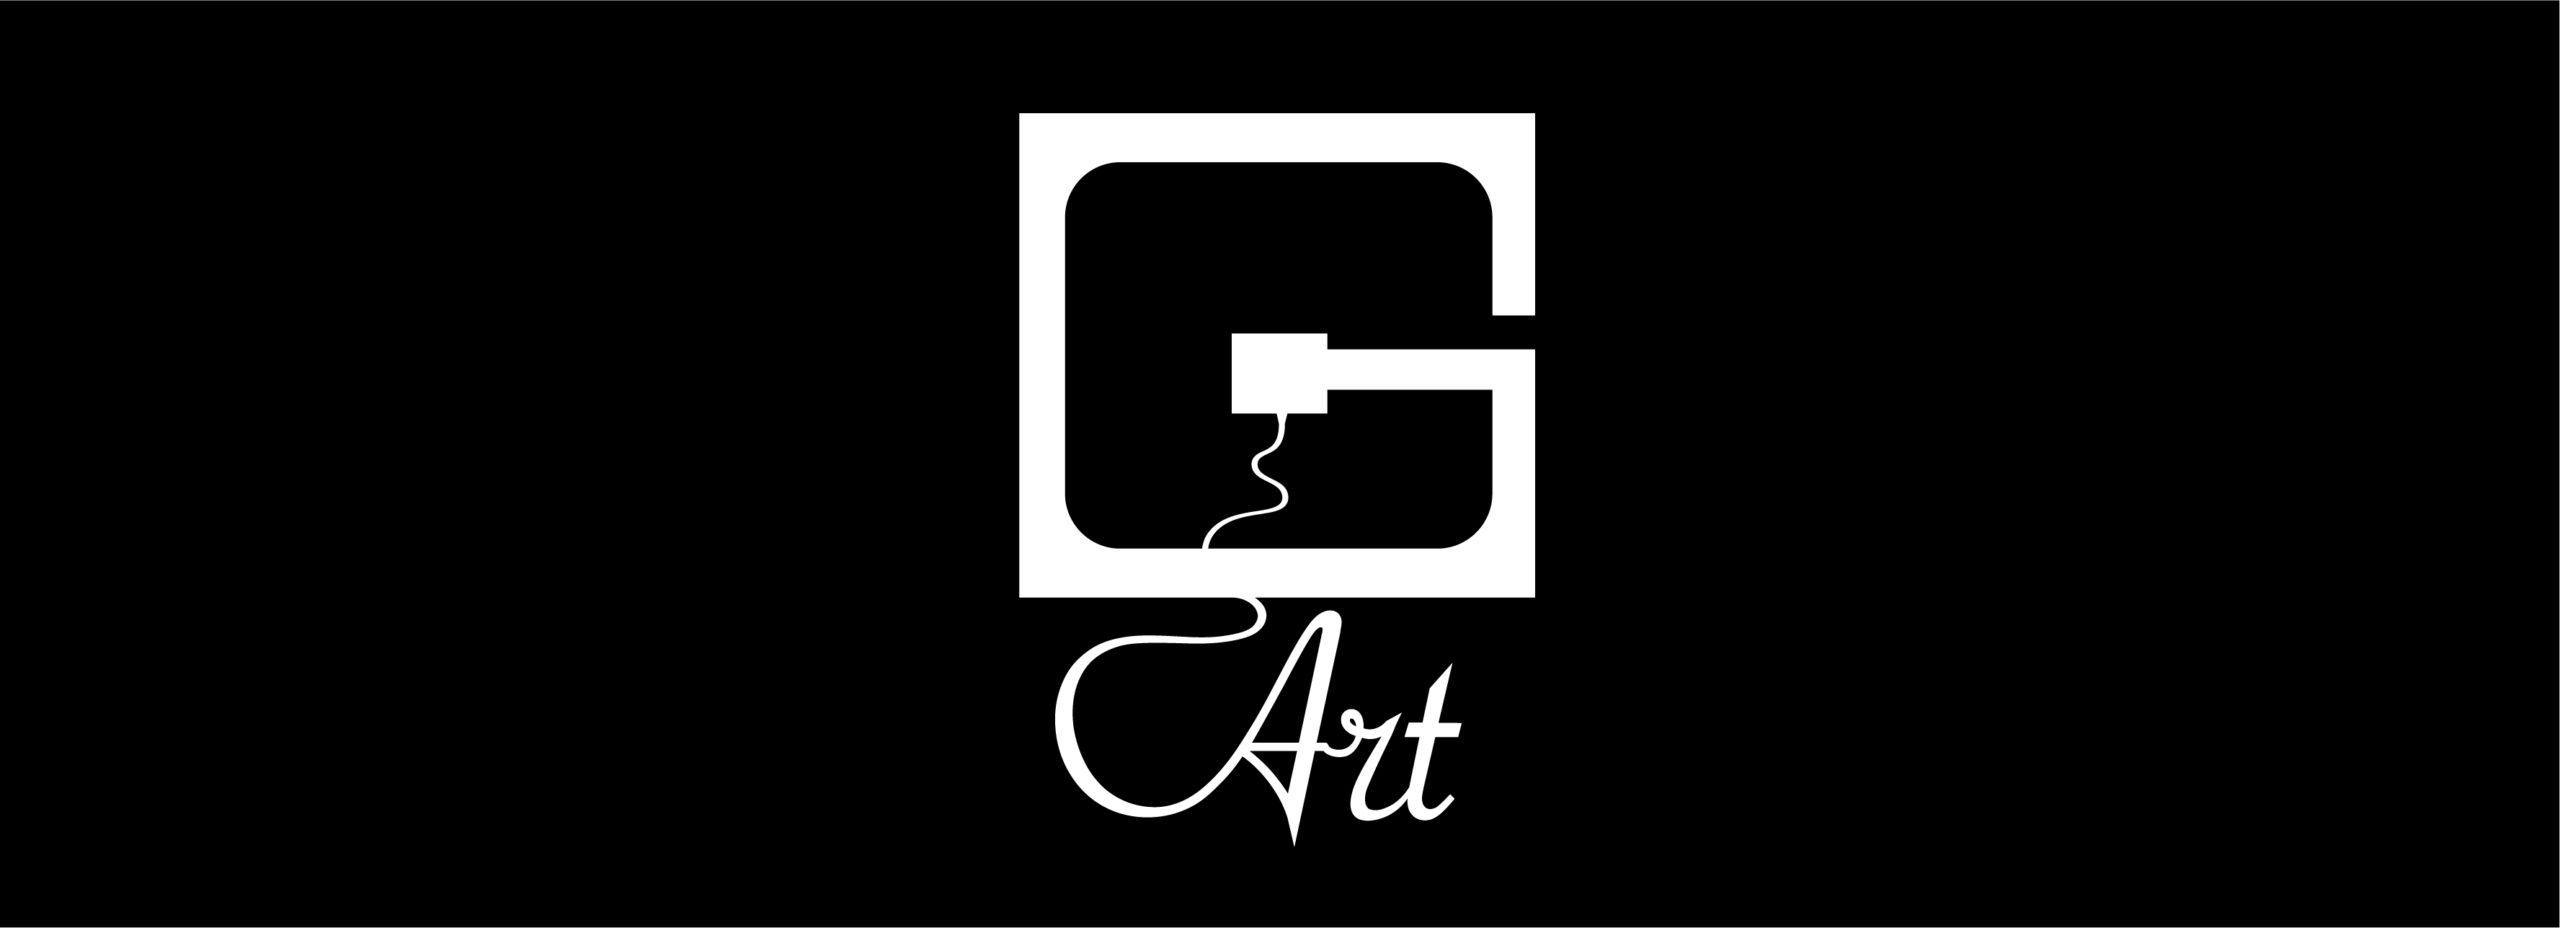 G-Art Logo Design